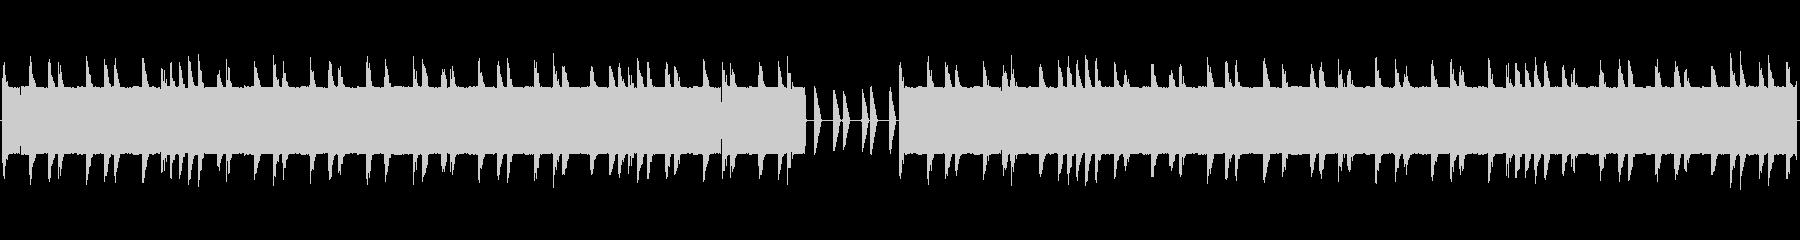 チップチューンの短いジャズループ1の未再生の波形